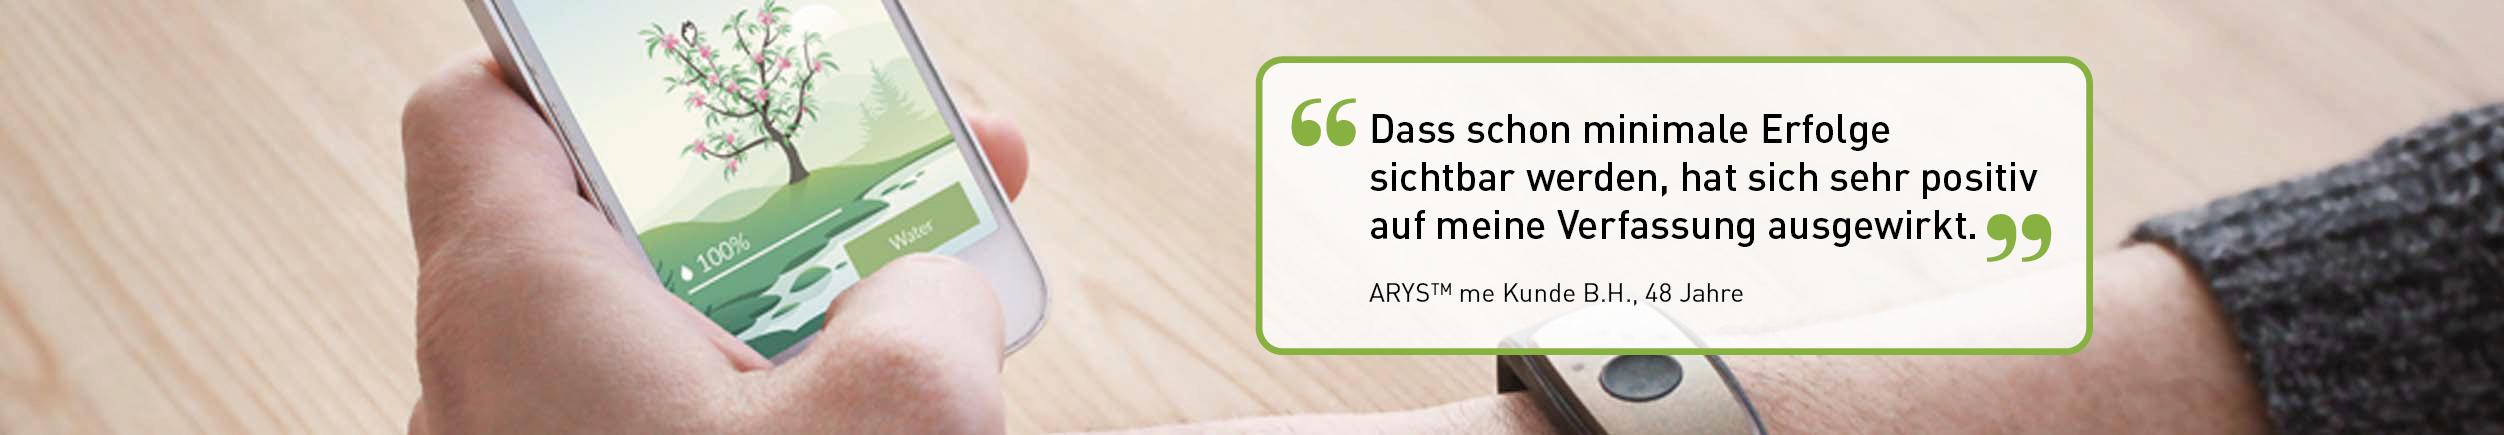 Hand trägt das Arys me Armband, Heimtrainer mit App am Handy